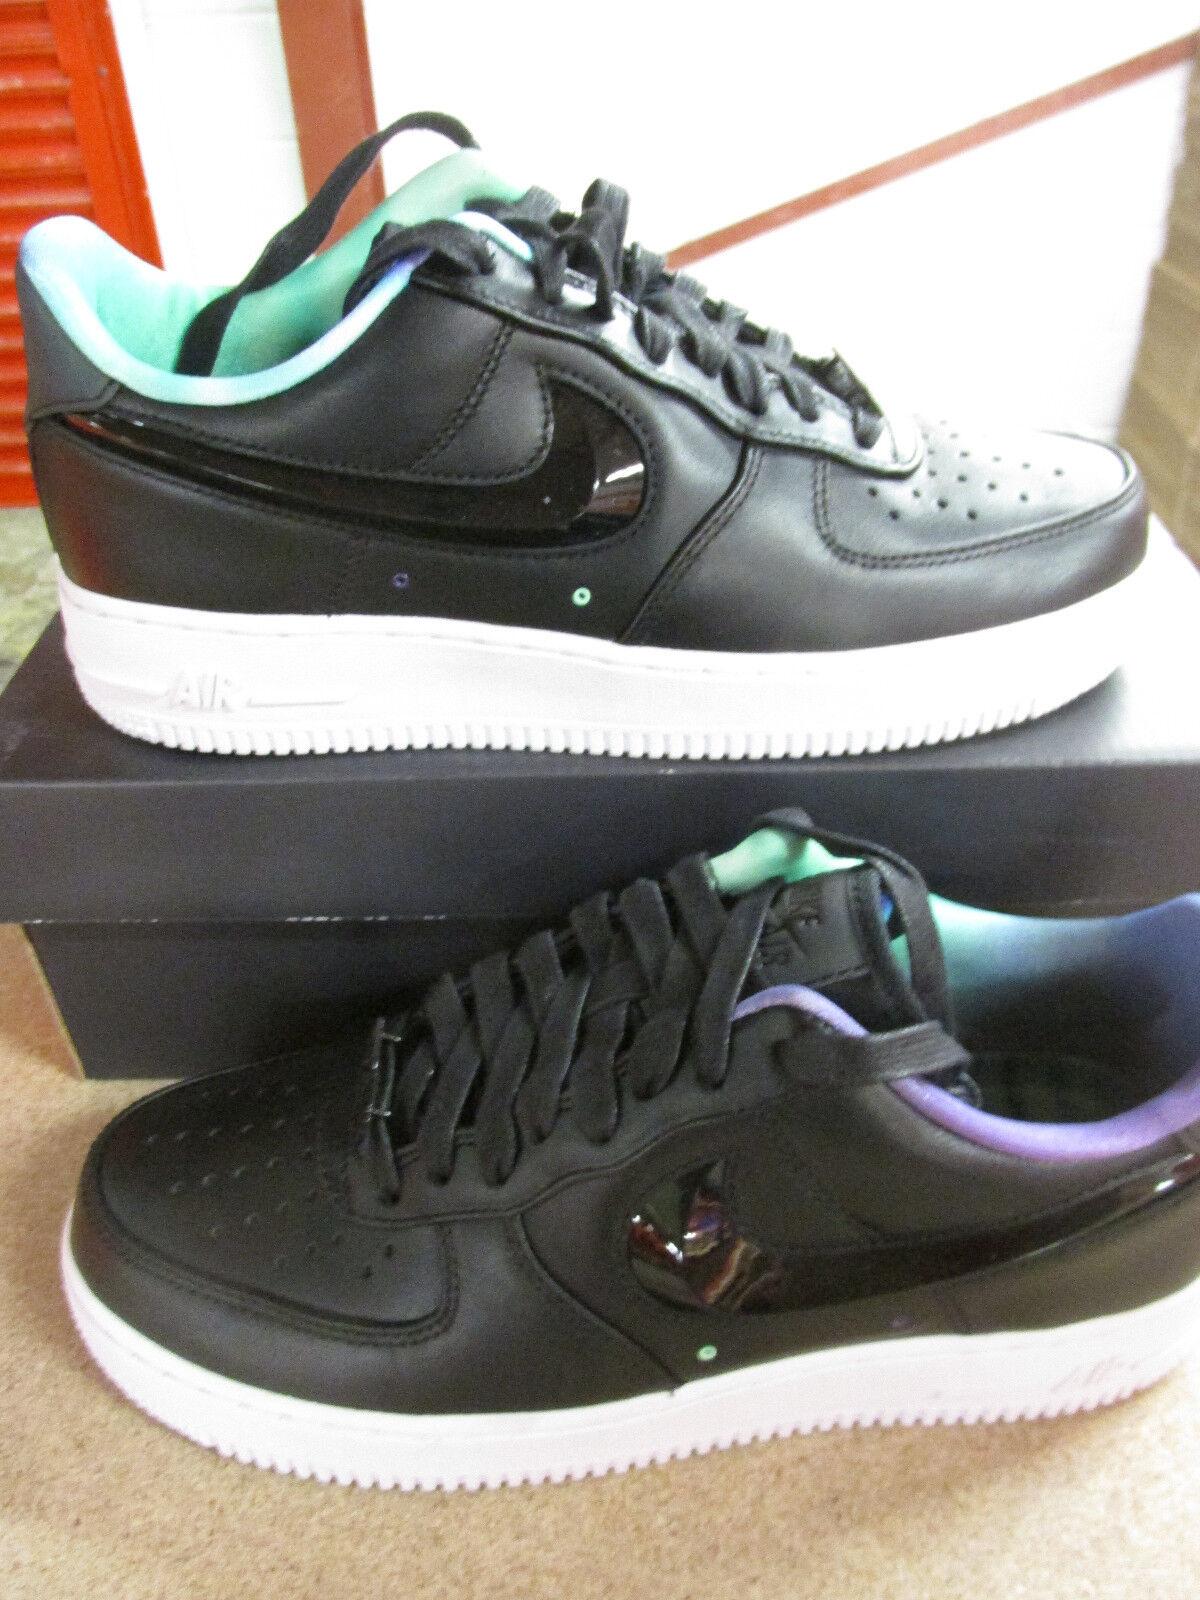 Nike Air Force 1 07 LV8 840855 como Qs Zapatillas Hombre 840855 LV8 001 Zapatillas b5bca2